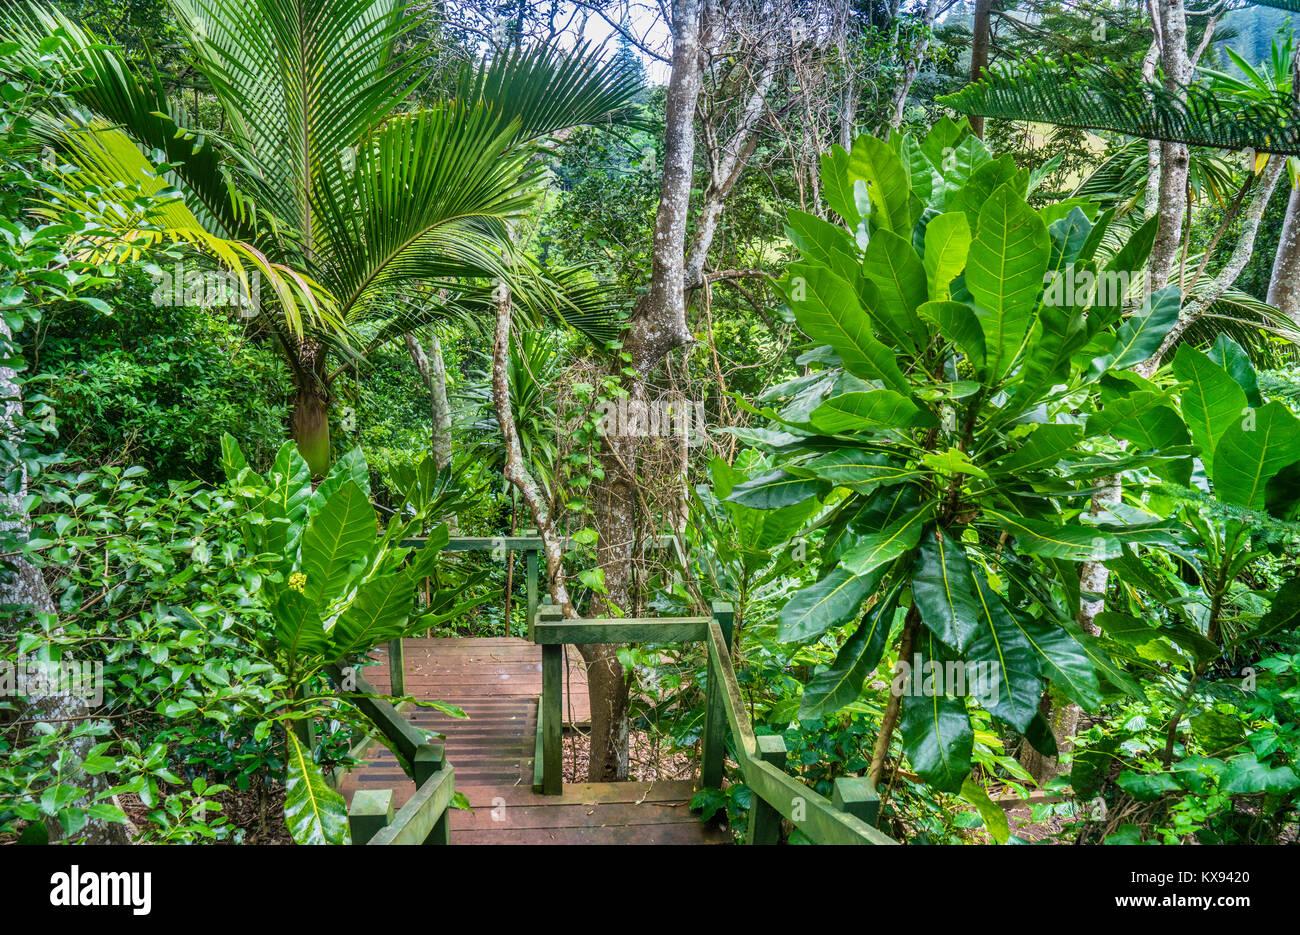 Norfolk Island, Australische externe Gebiet, üppigen Regenwald Vegetation an der Norfolk Insel Botanischer Stockbild